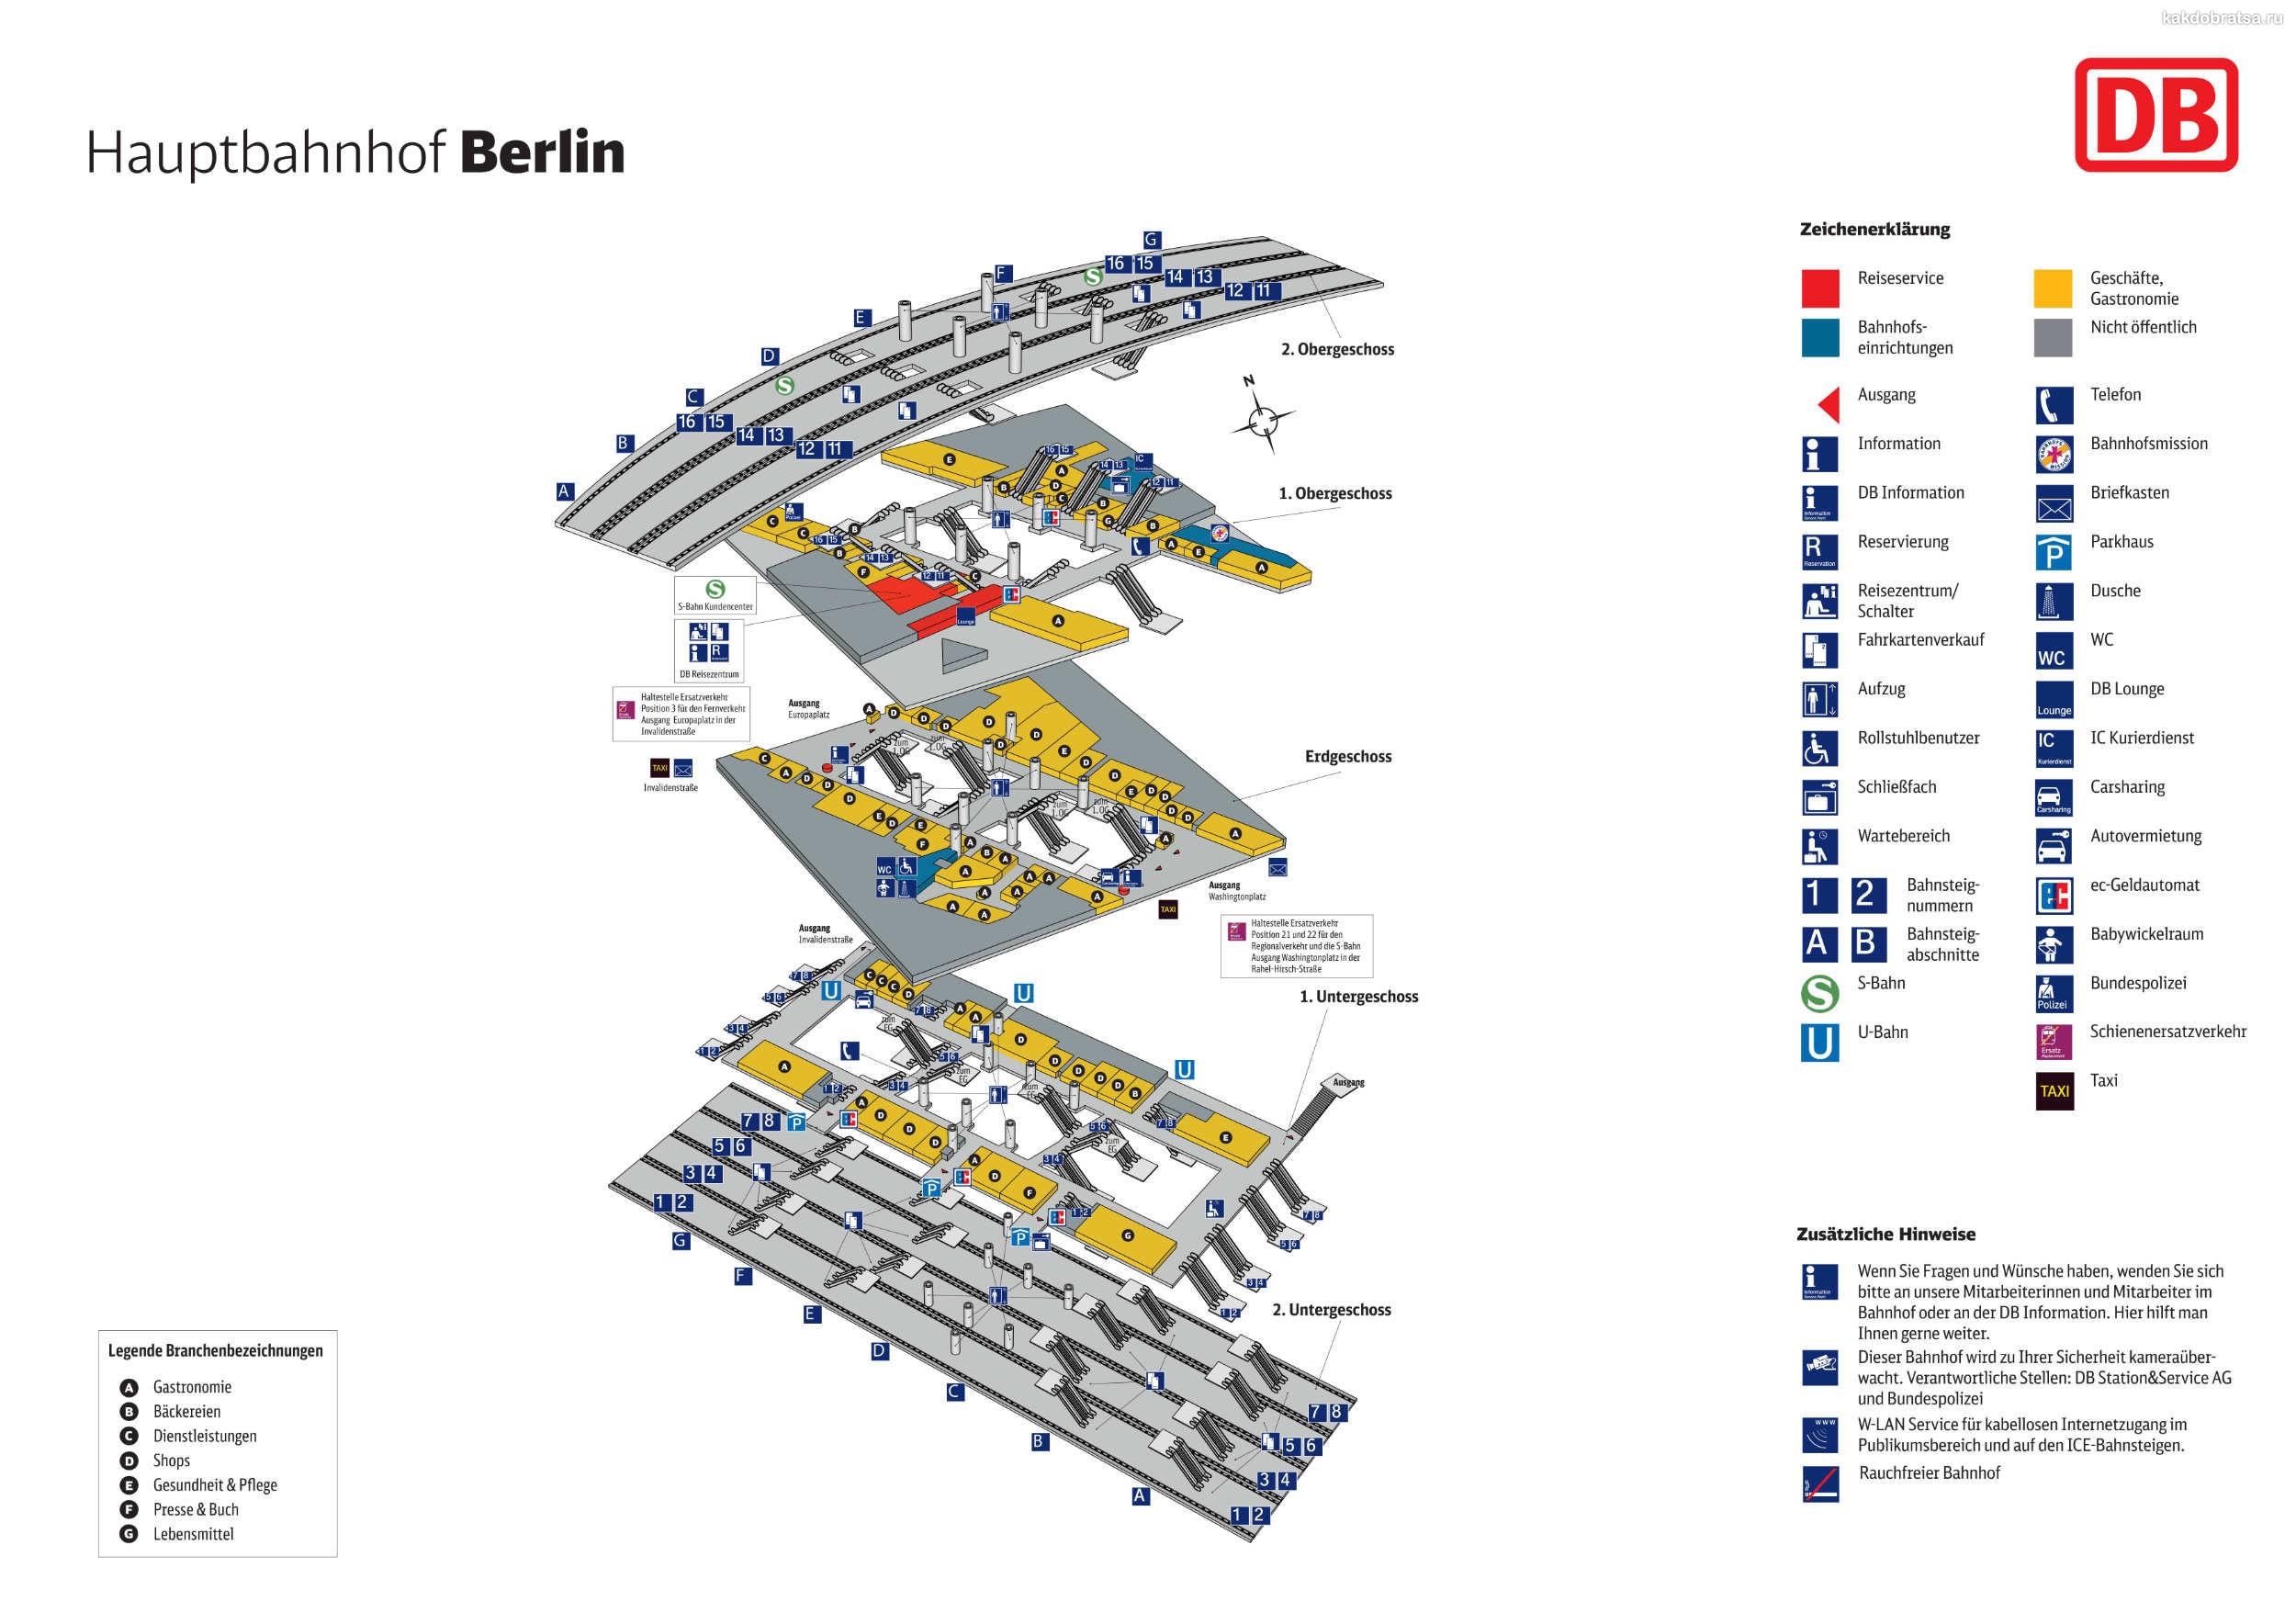 Главный вокзал в Берлине карте схема